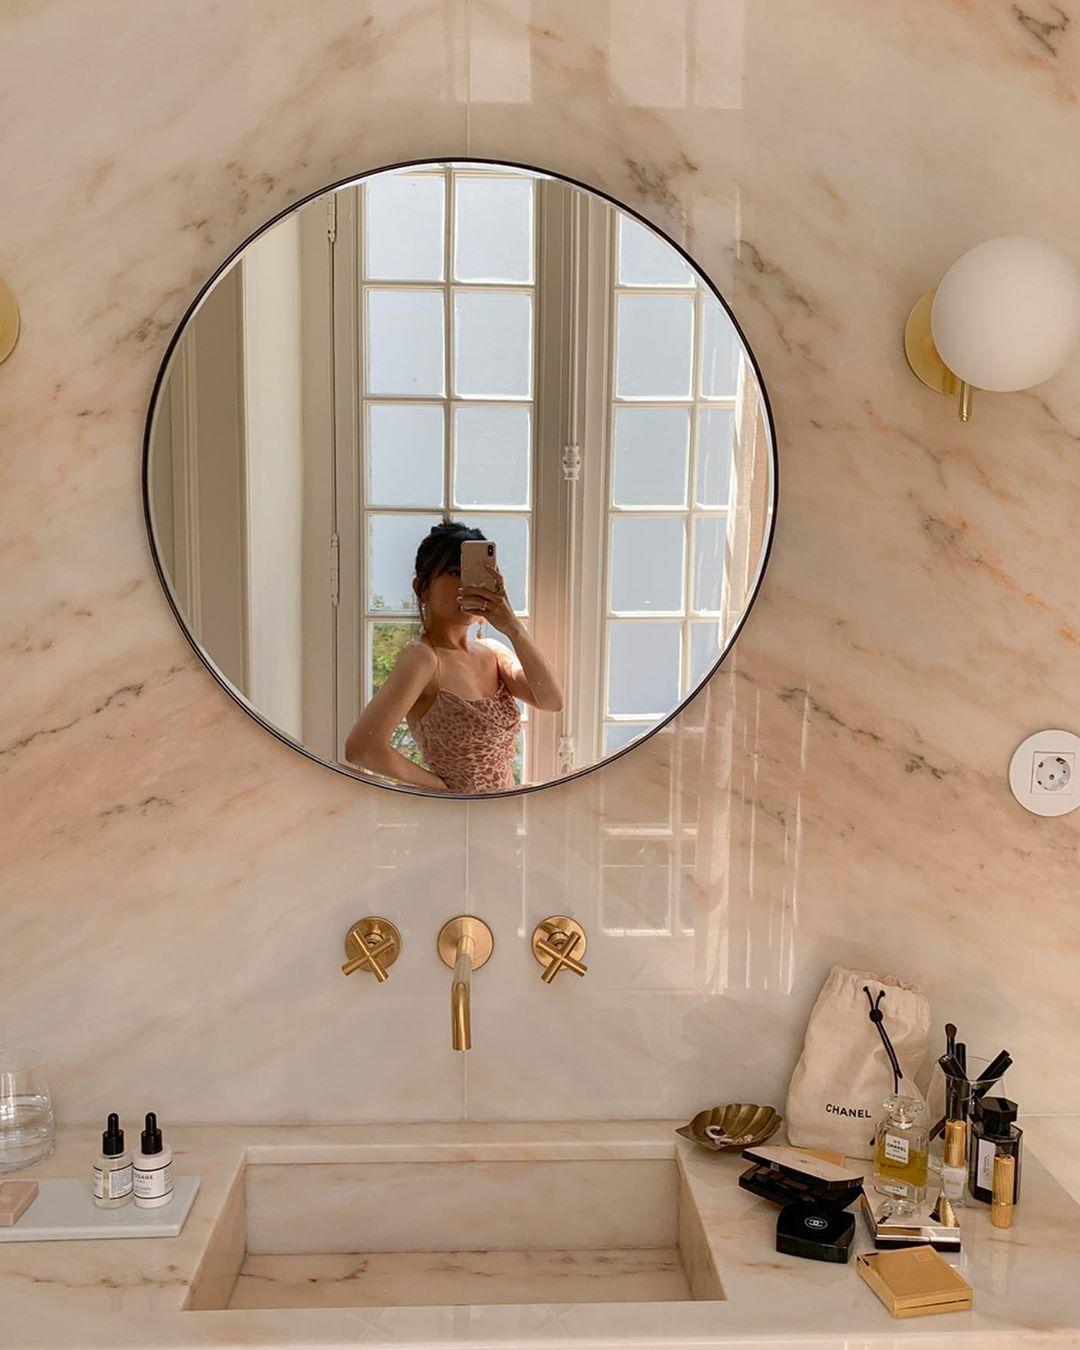 Hegia De Boer On Instagram Bathroom Goals And My Travel Beauty Essentials I Always Appreciate When Hotels Bathroom Goals Bathroom Design Decor Essentials